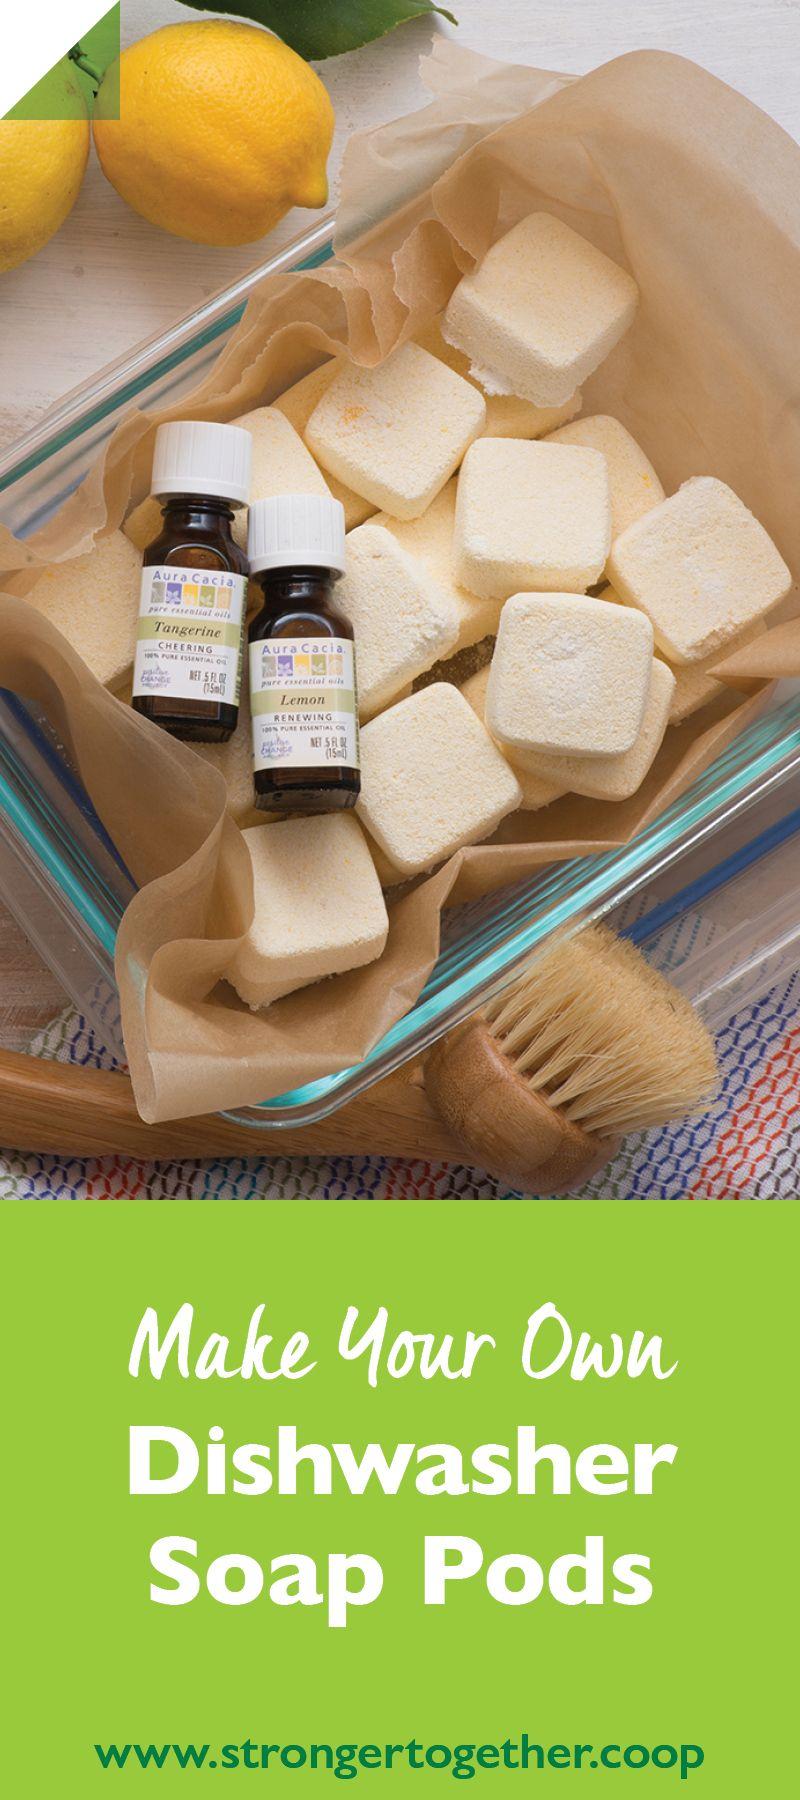 Make Your Own Dishwasher Soap Pods Dishwasher soap, Diy